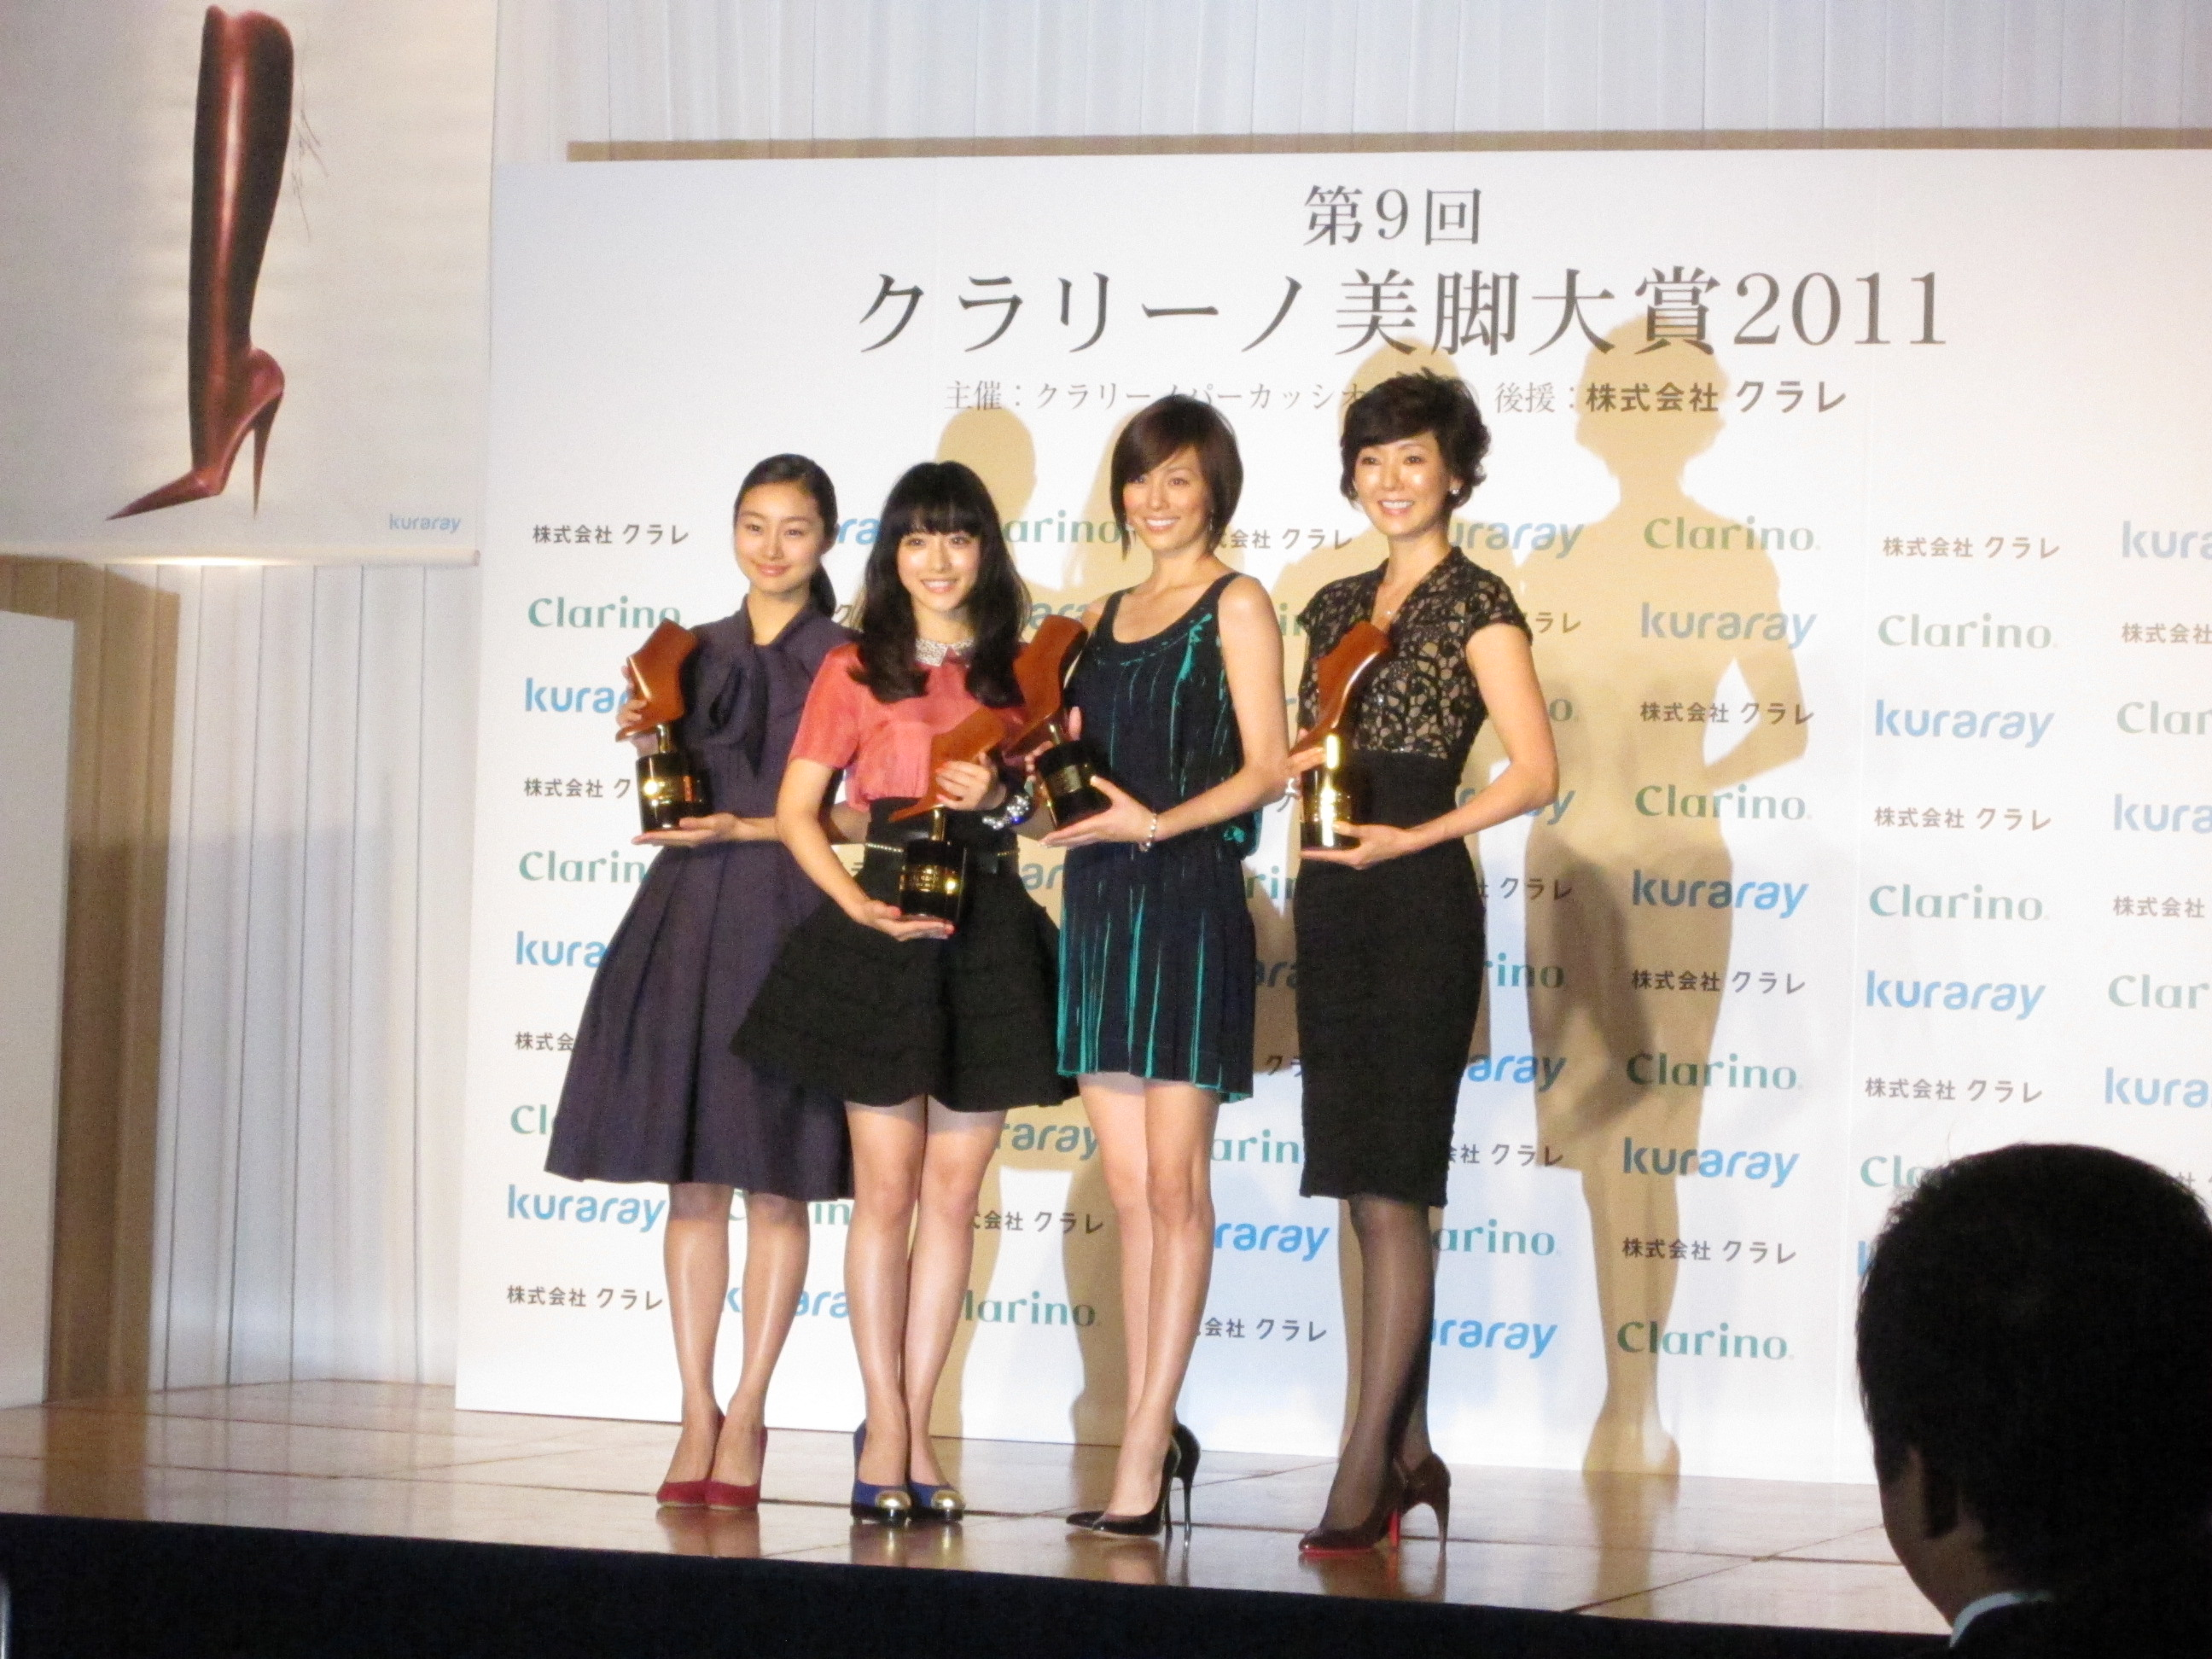 美脚を披露する(左から)忽那汐里、石原さとみ、米倉涼子、とよた真帆